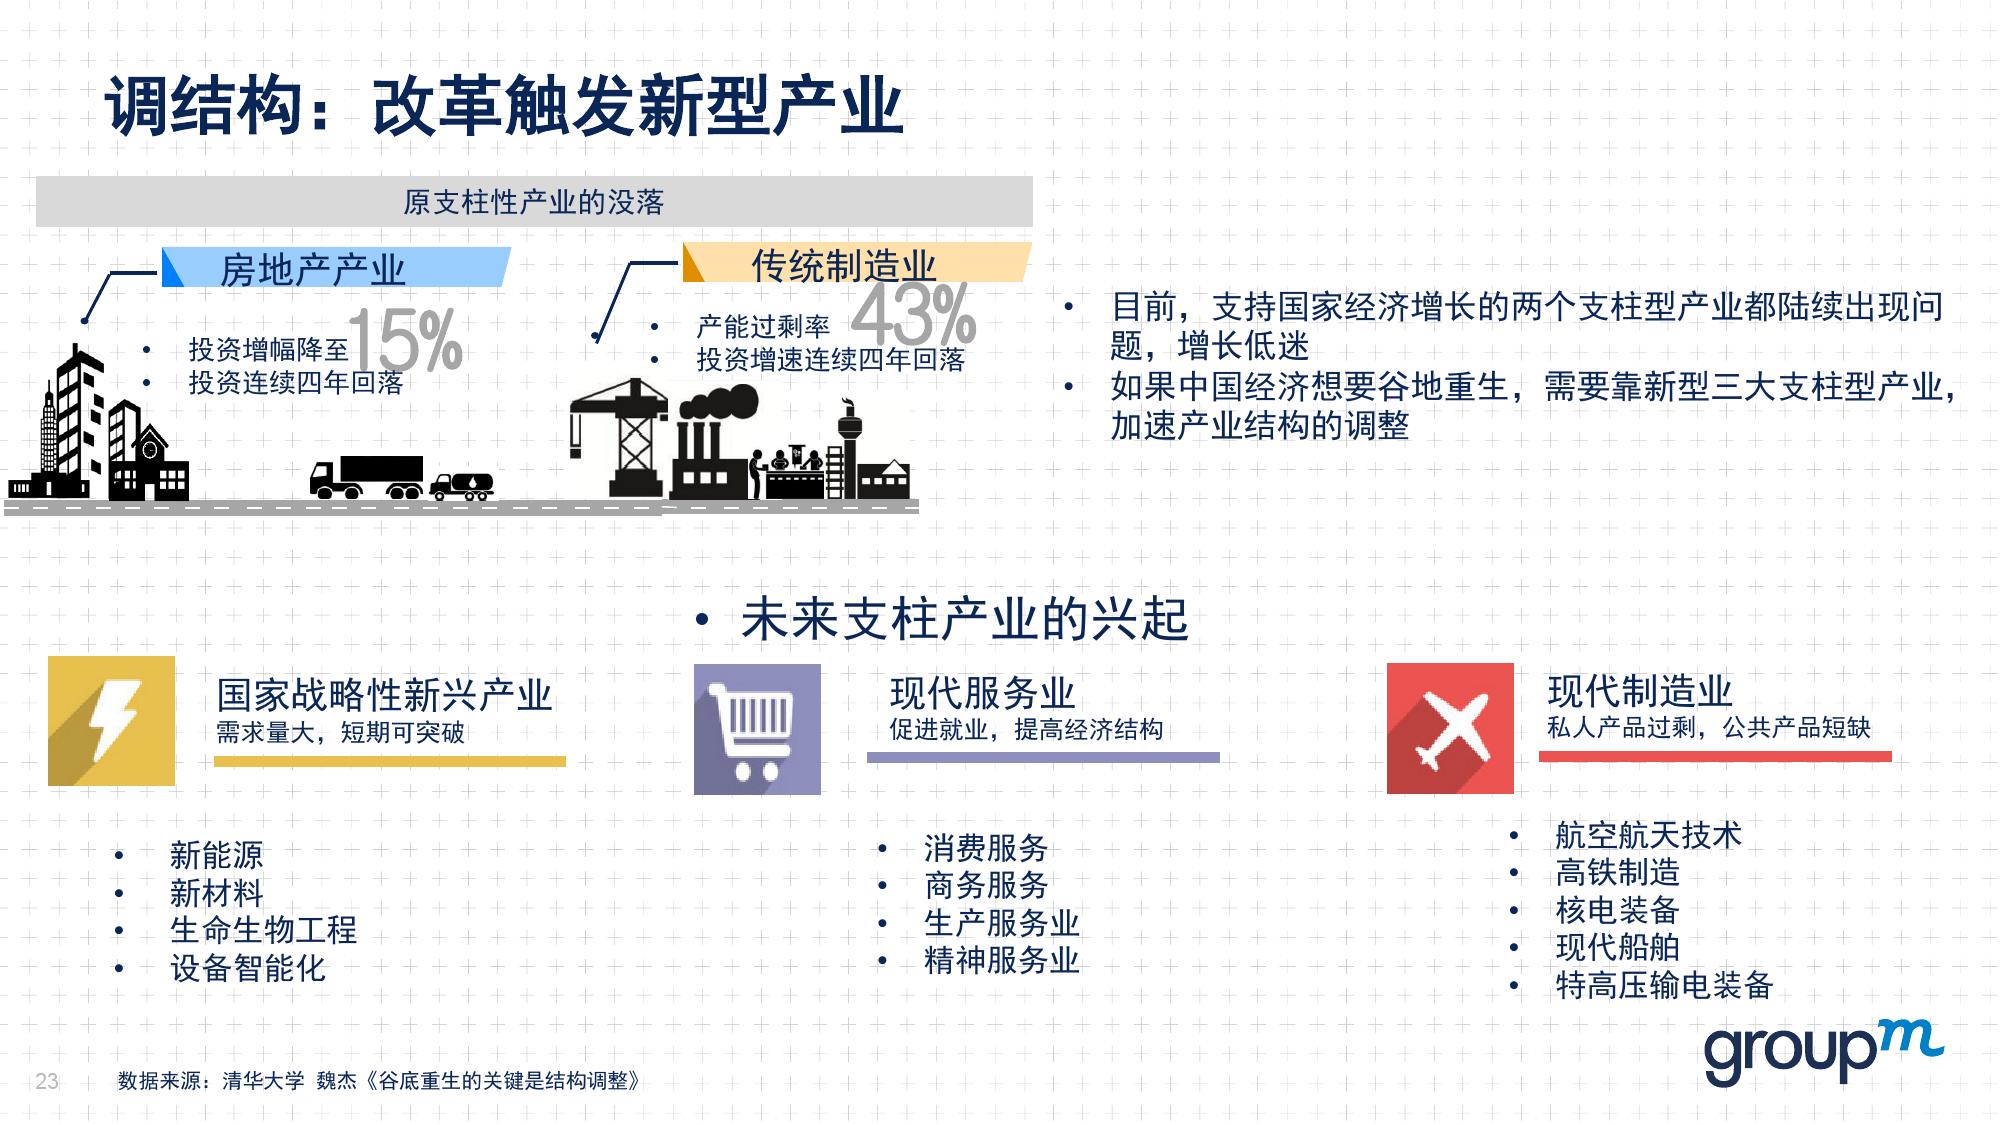 赢在中国2016:从需求刺激转向供给侧改革_000023